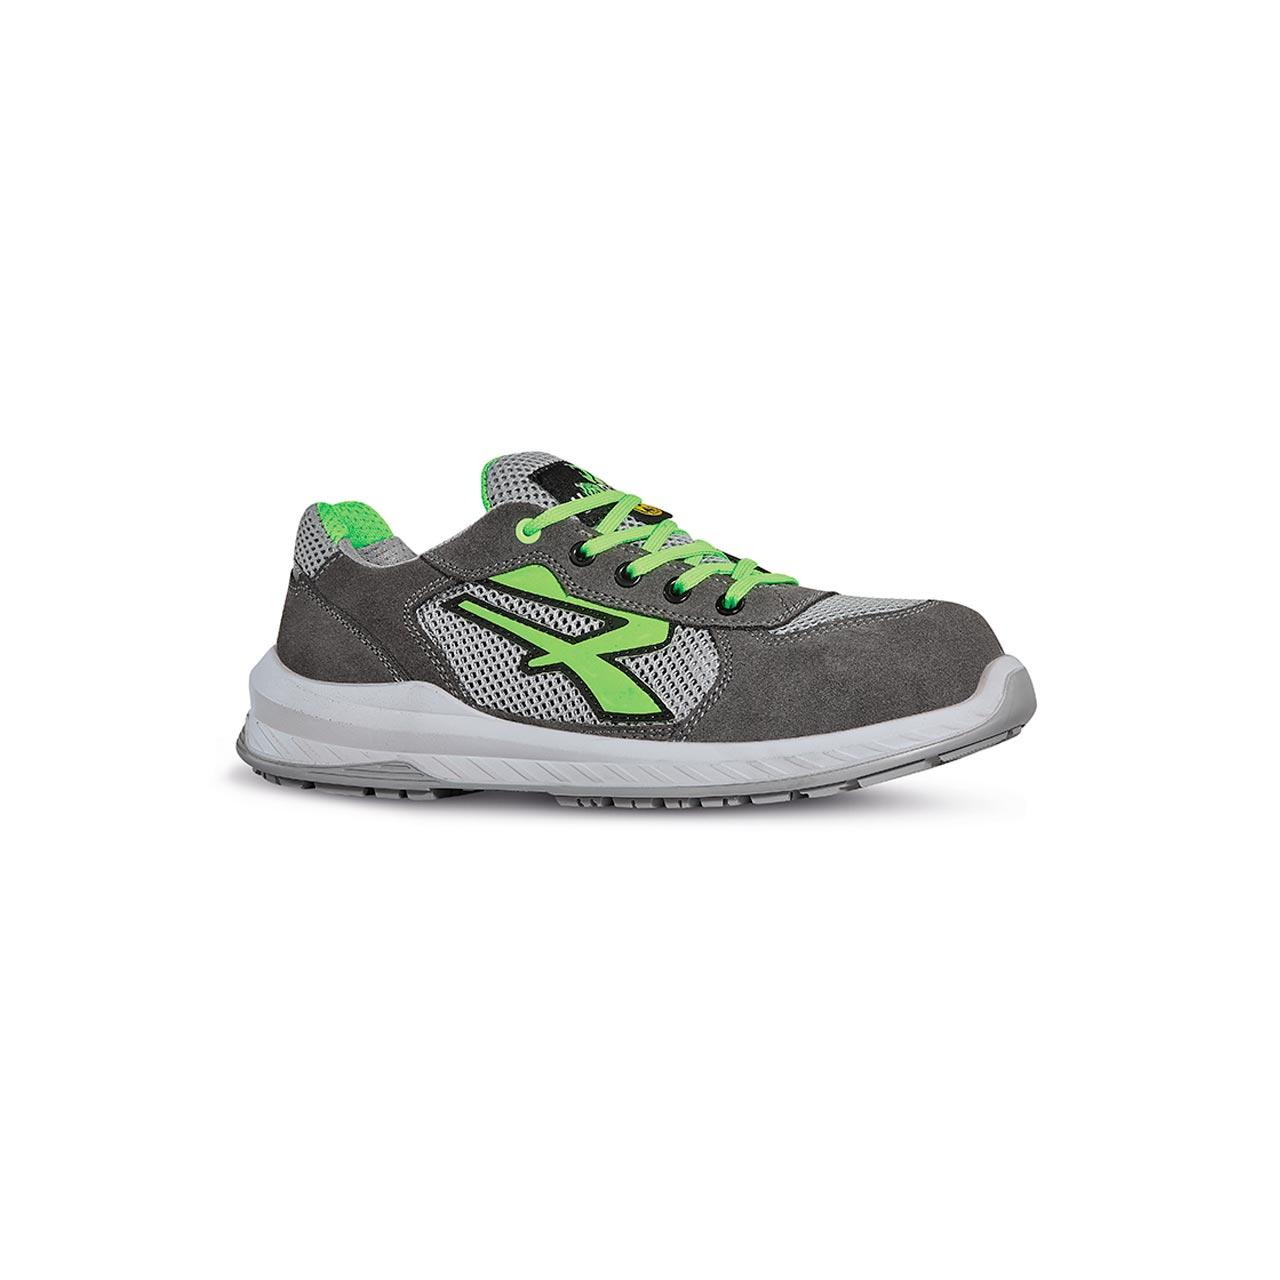 scarpa antinfortunistica upower modello rio linea redindustry vista laterale